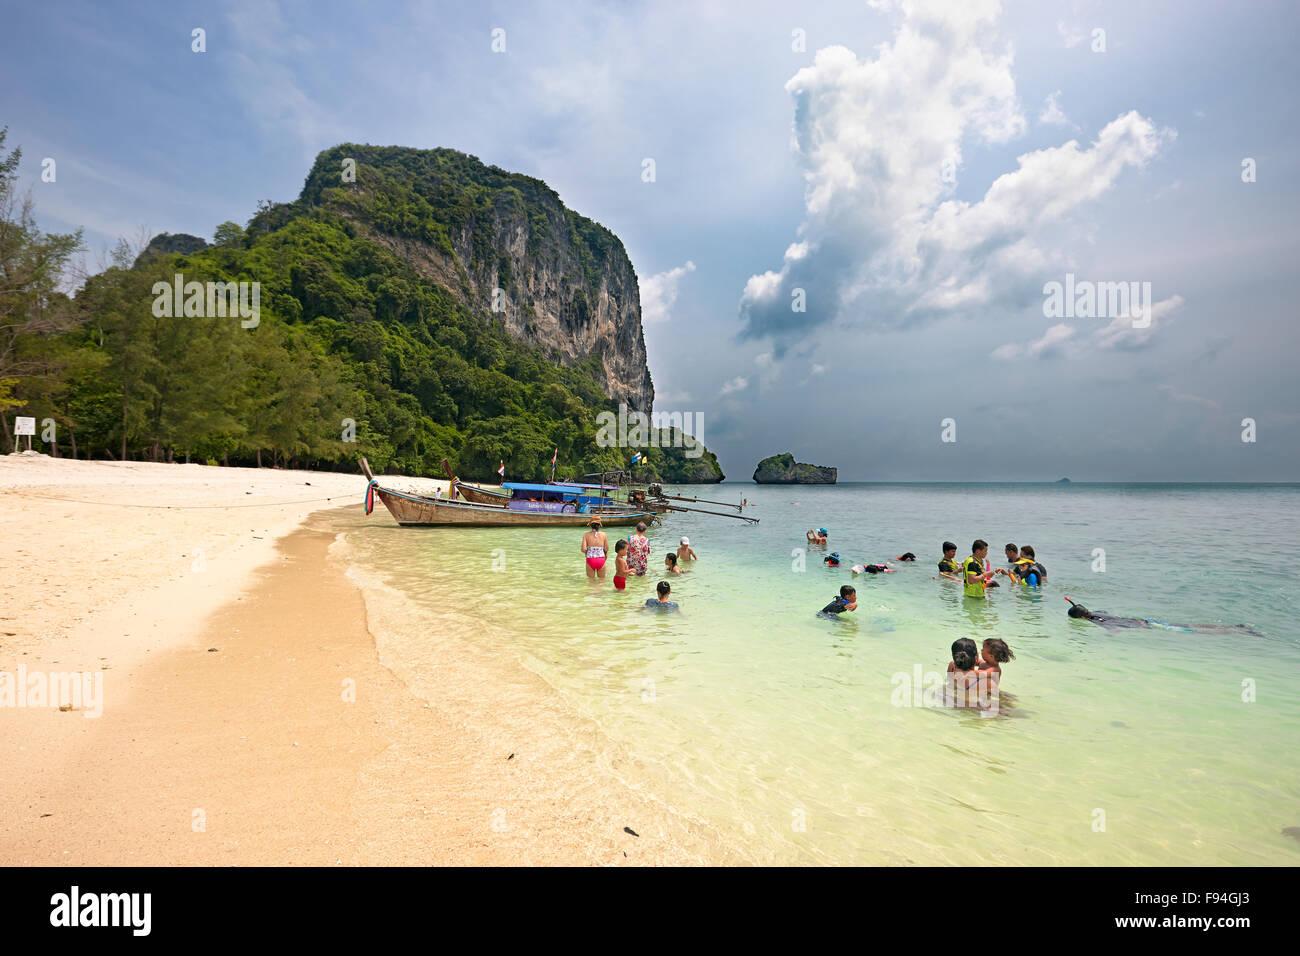 Los turistas bañarse en el mar de Andaman en el bech sobre Poda Island (Koh Poda). La provincia de Krabi, Tailandia. Foto de stock